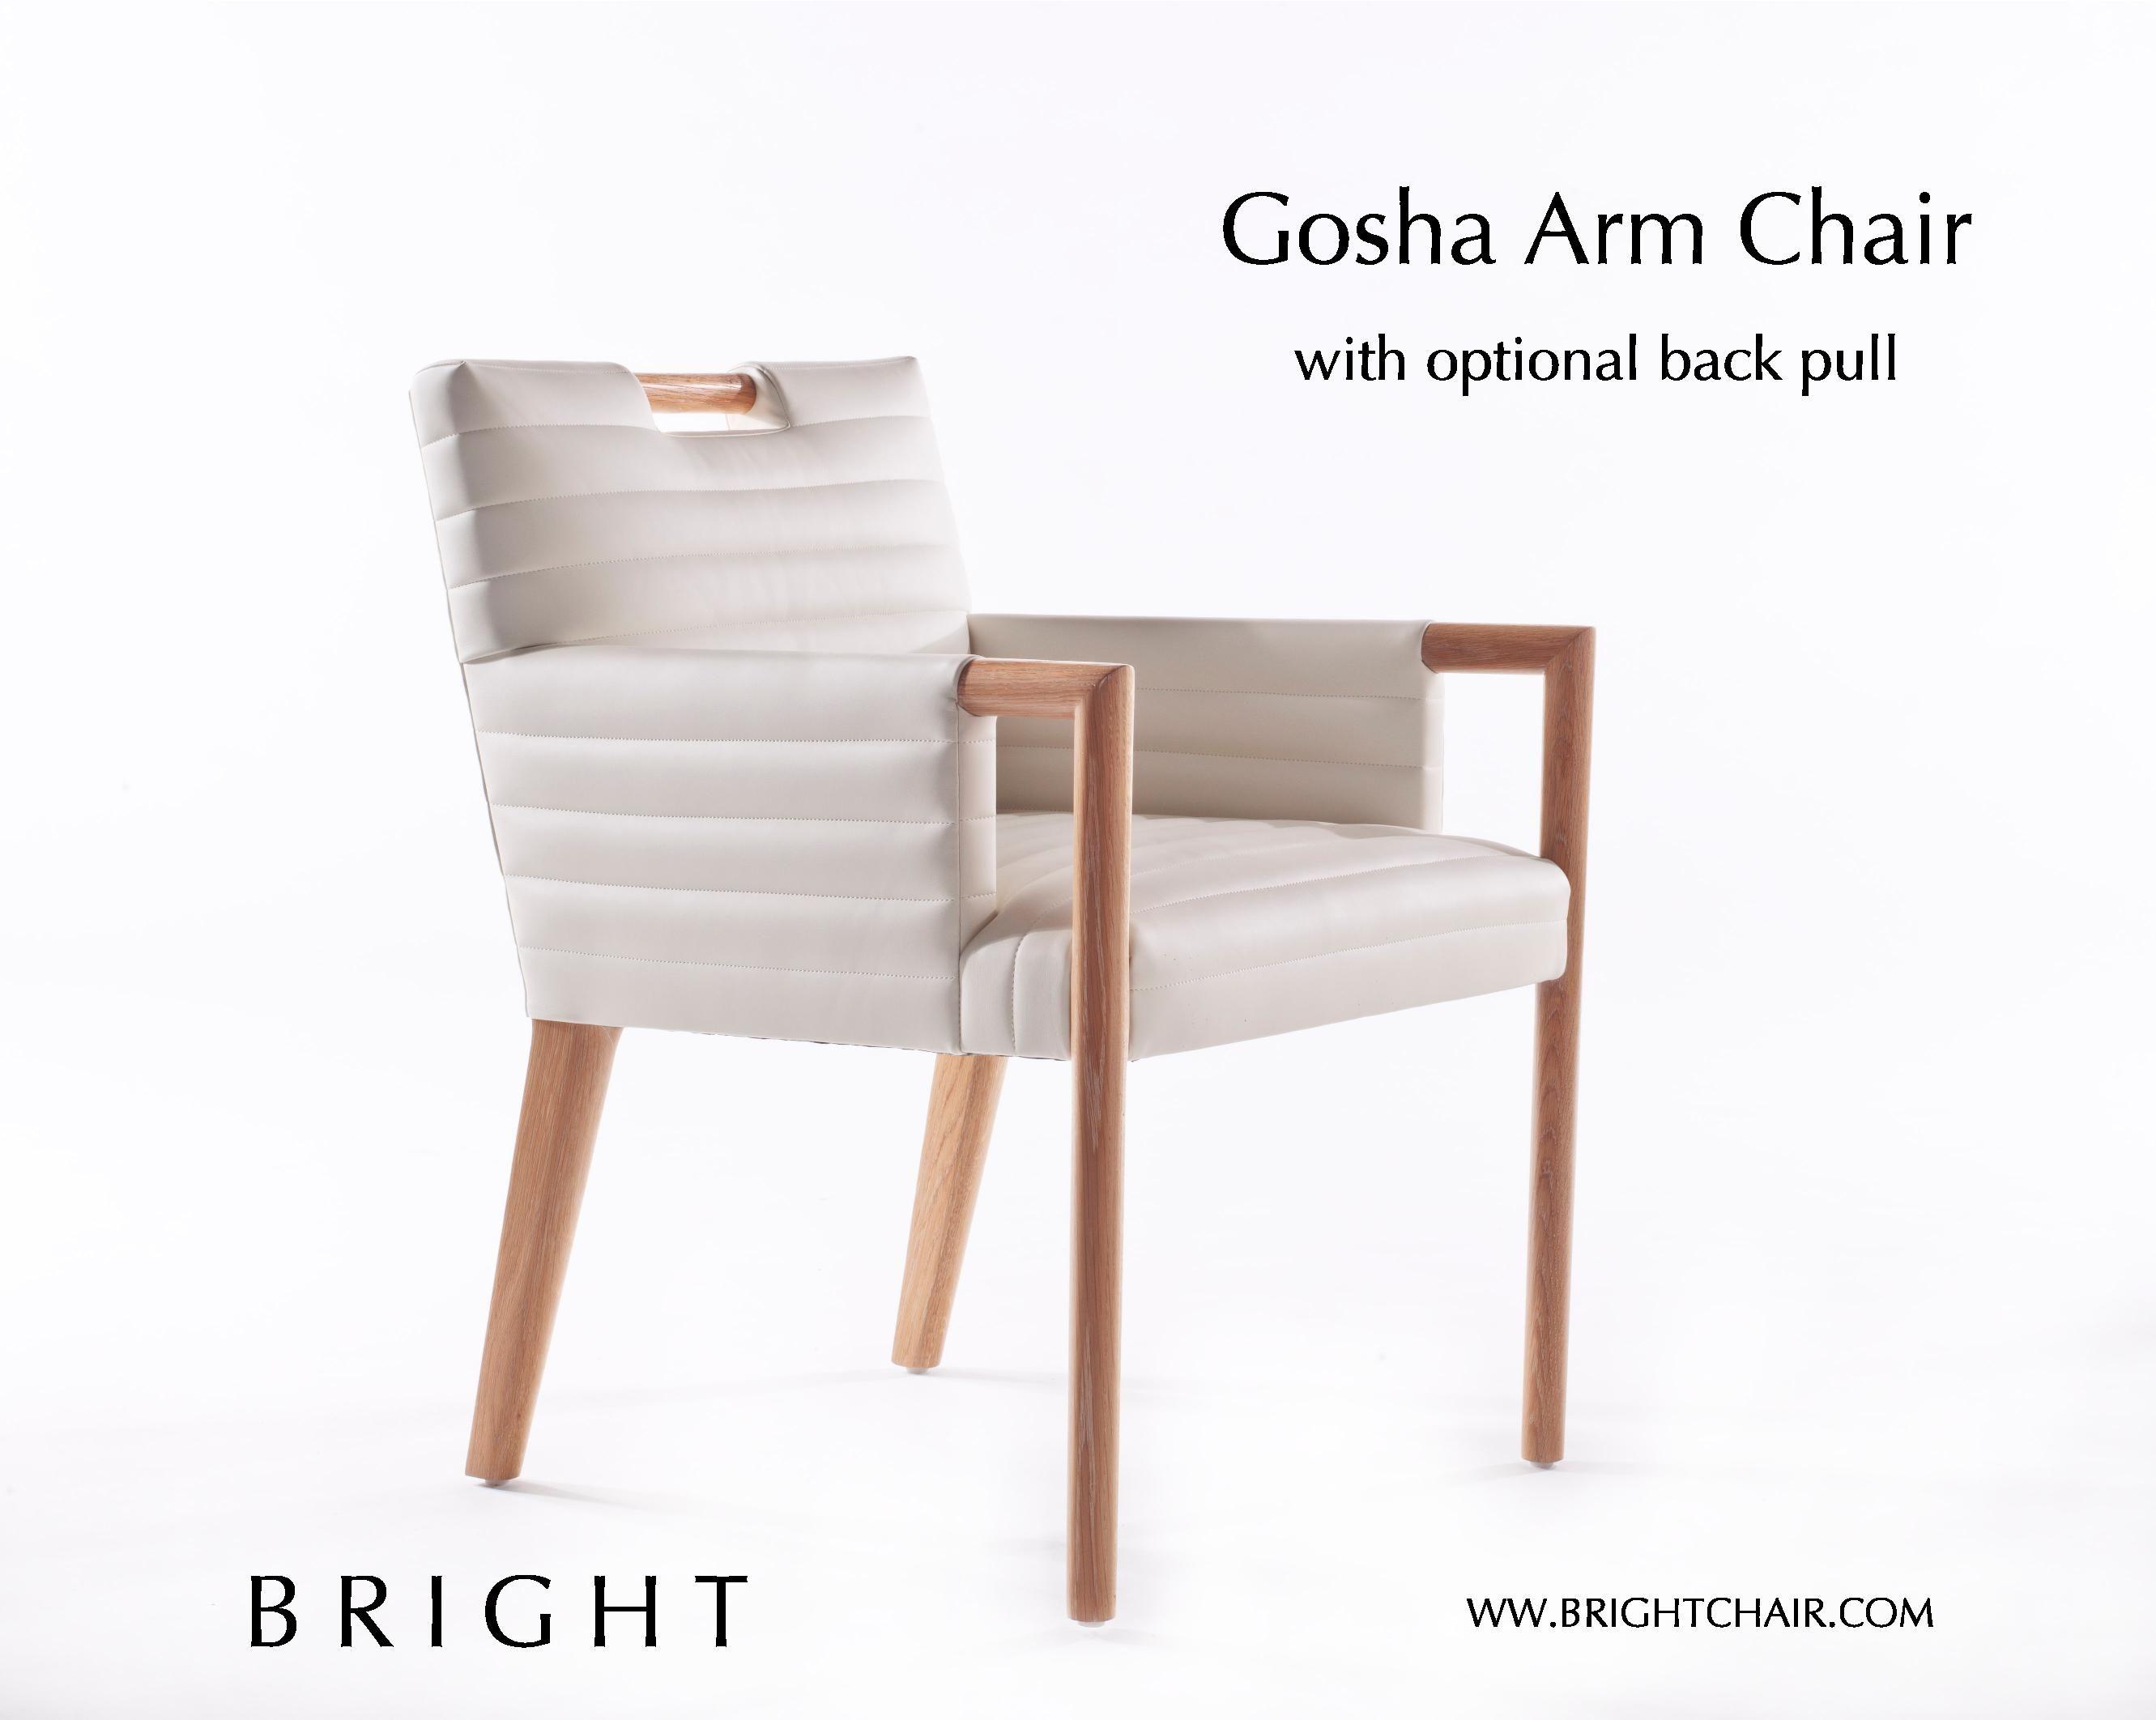 Bright Furniture. Gosha Arm Chair Furniture, Chair